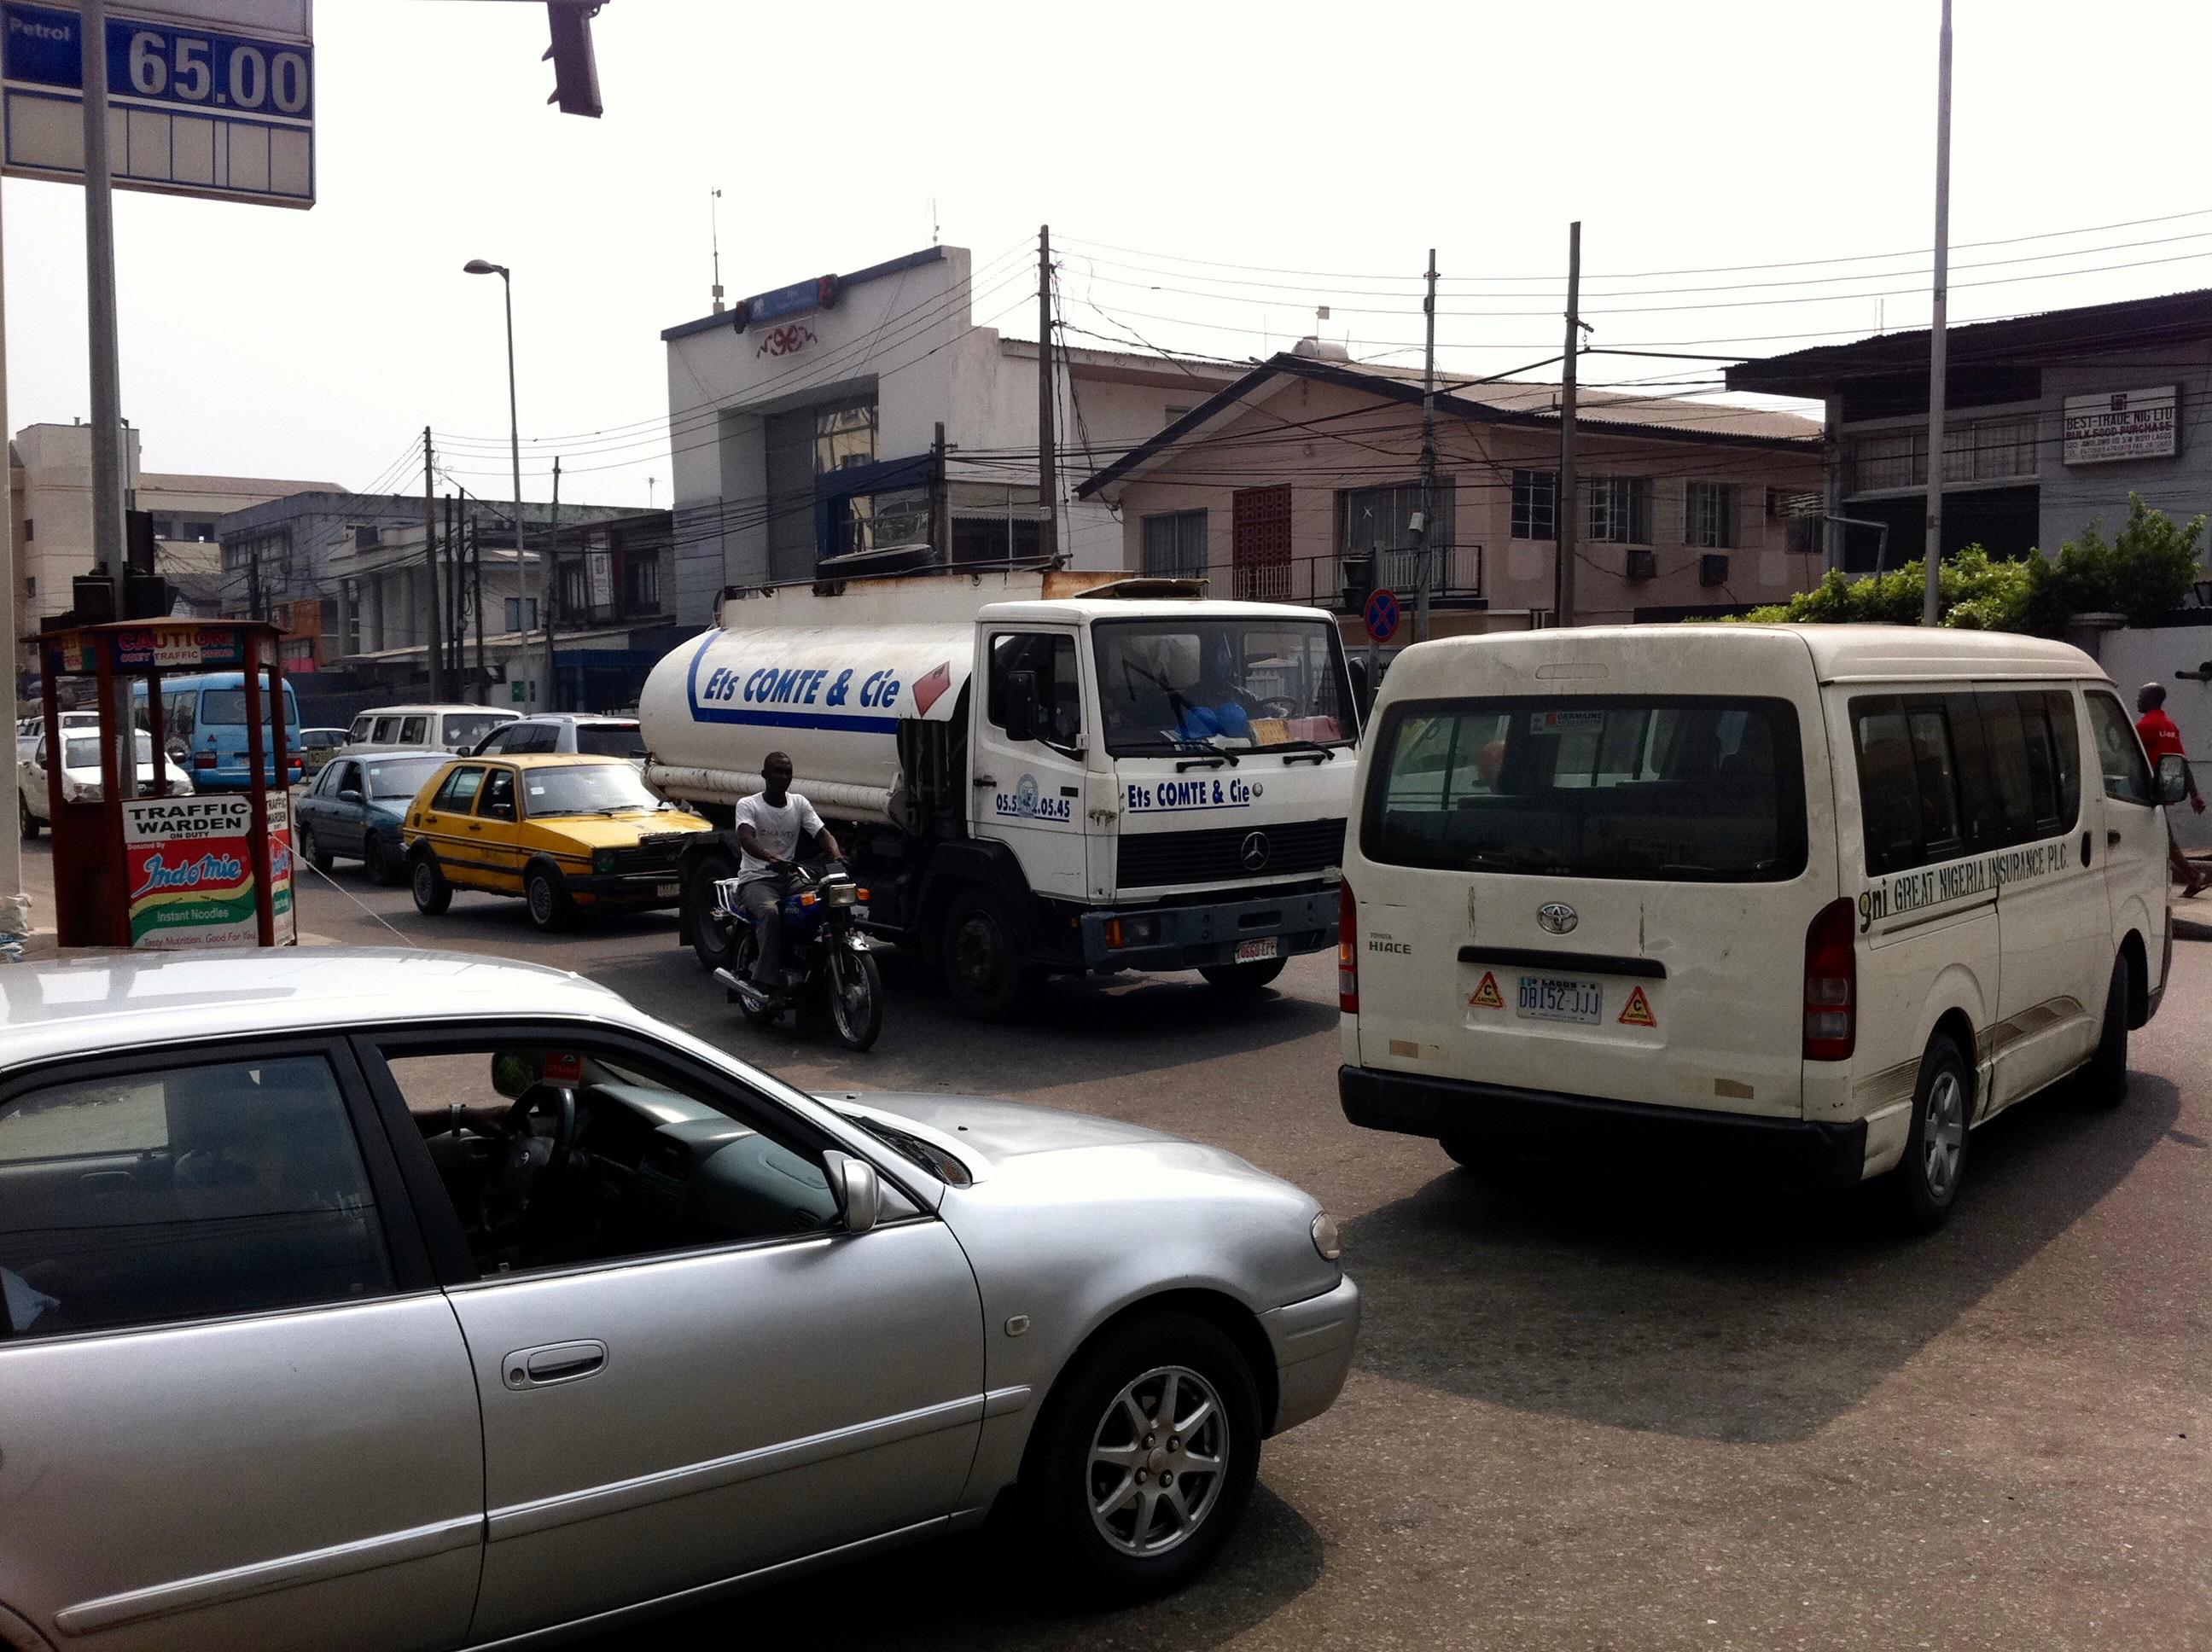 Awolowo Road, Ikoyi, Lagos Island, Nigeria. #JujuFilms